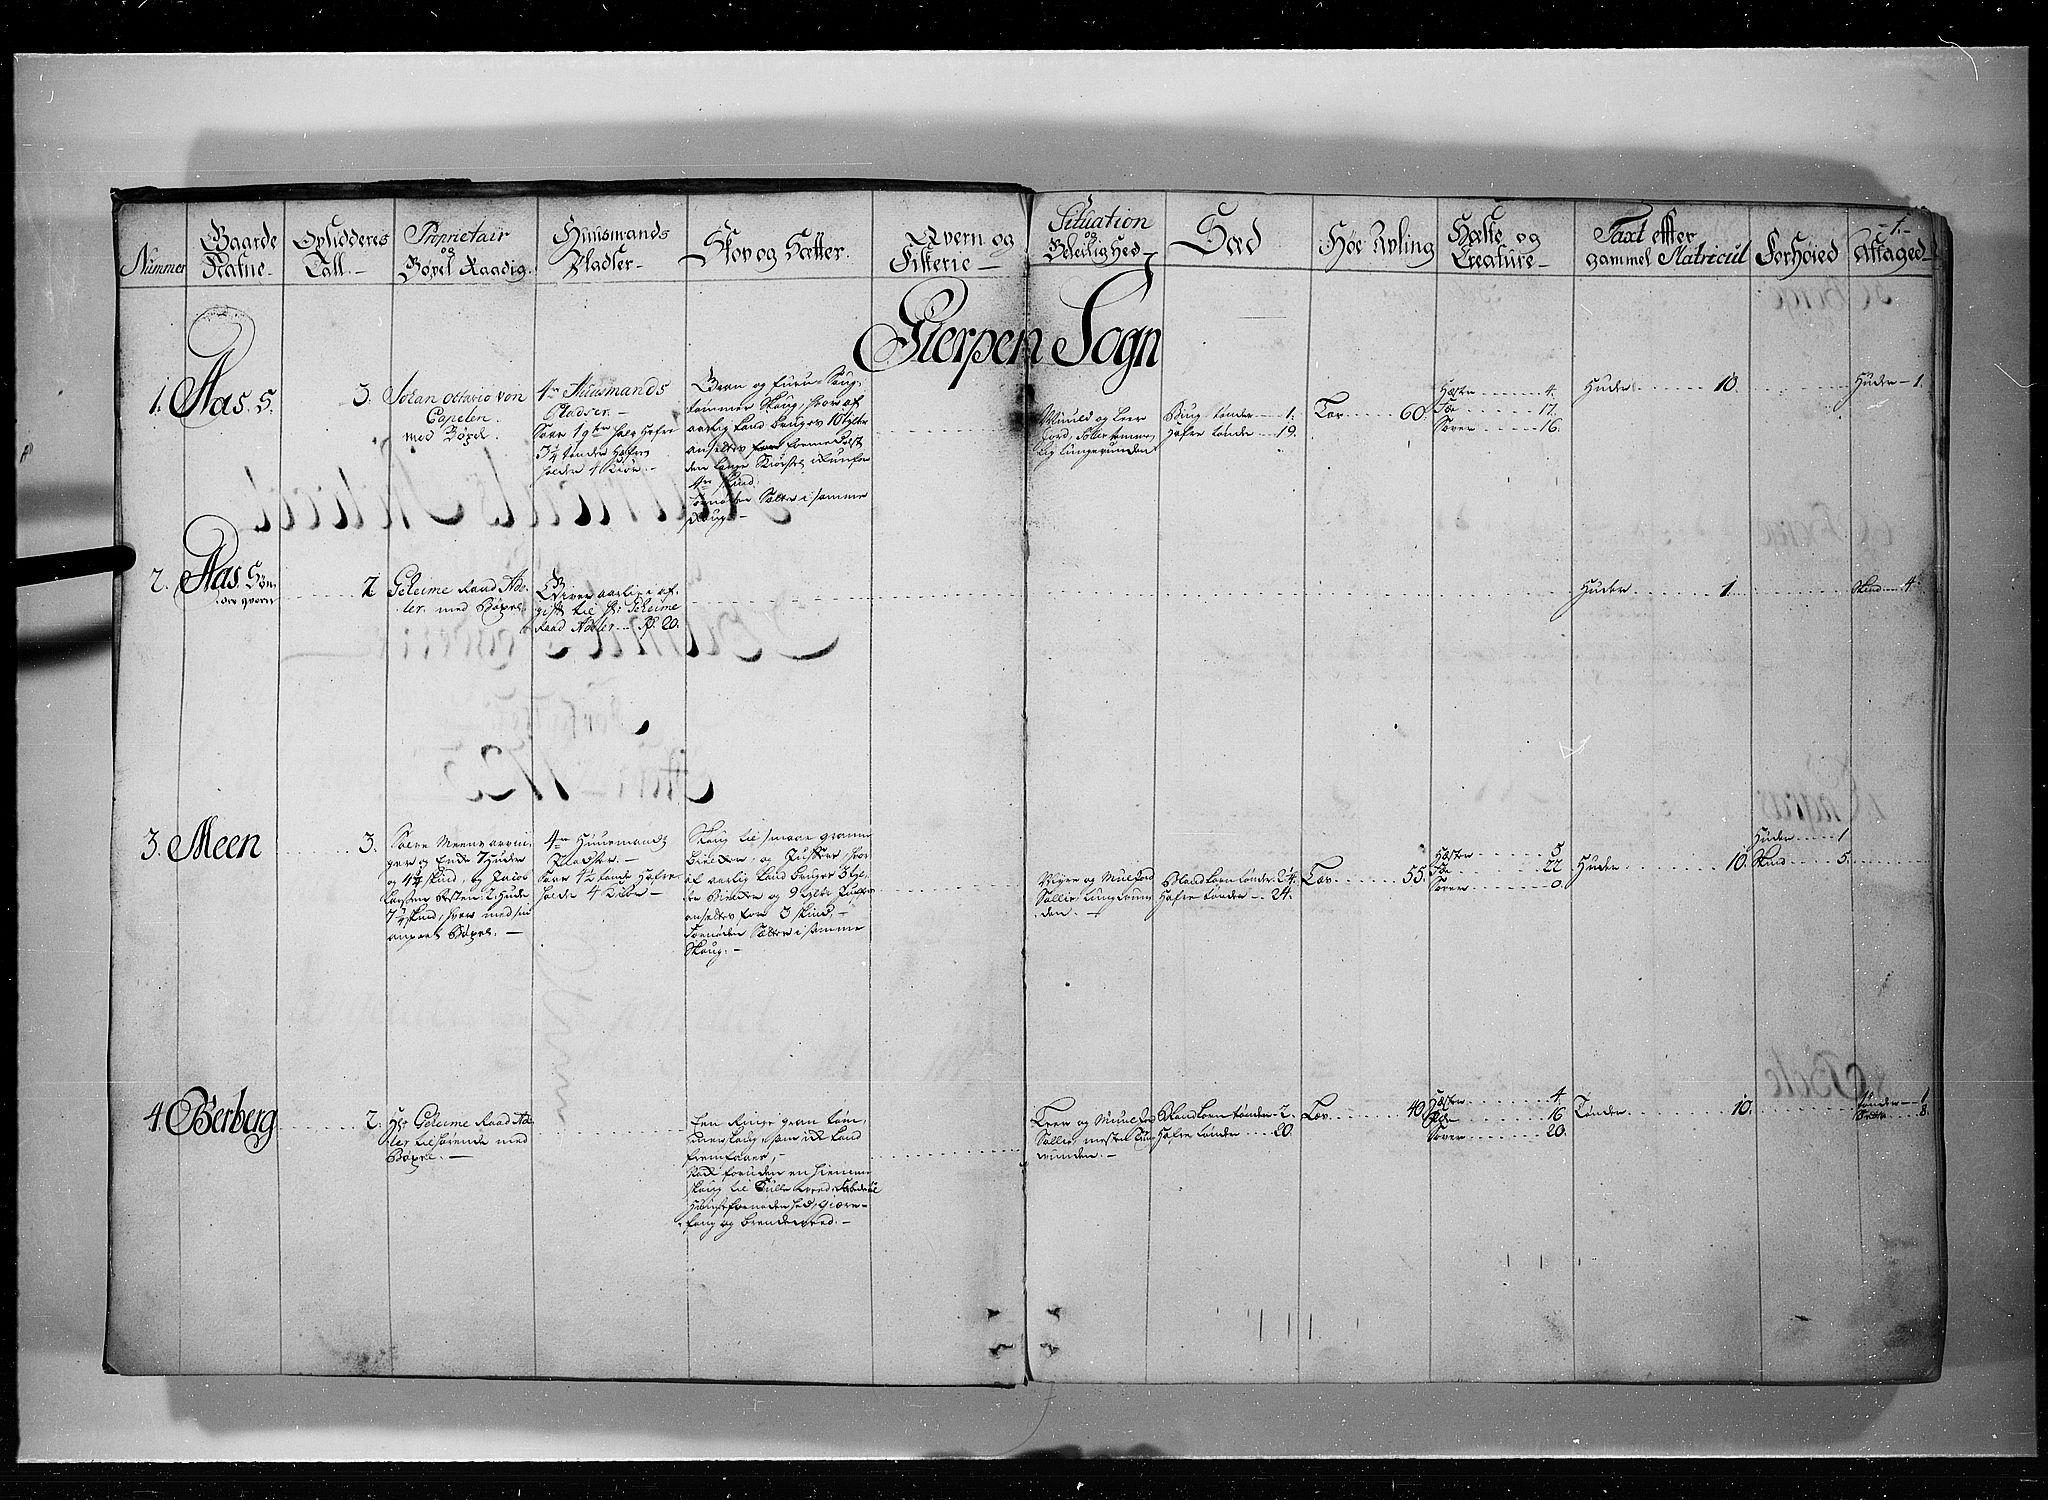 RA, Rentekammeret inntil 1814, Realistisk ordnet avdeling, N/Nb/Nbf/L0119: Bamble eksaminasjonsprotokoll, 1723, s. 1a